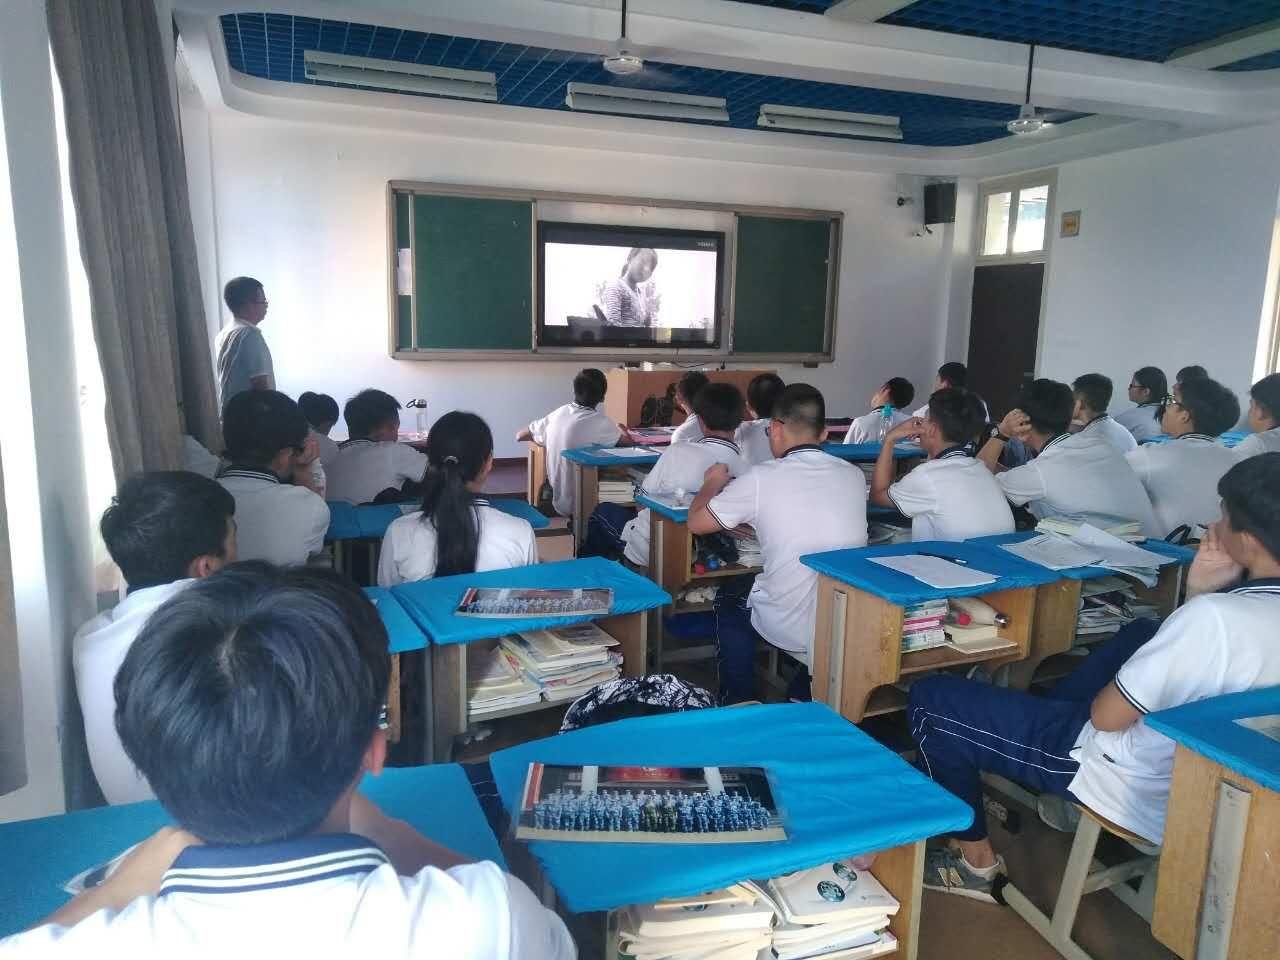 我校举办禁毒教育视频观看会